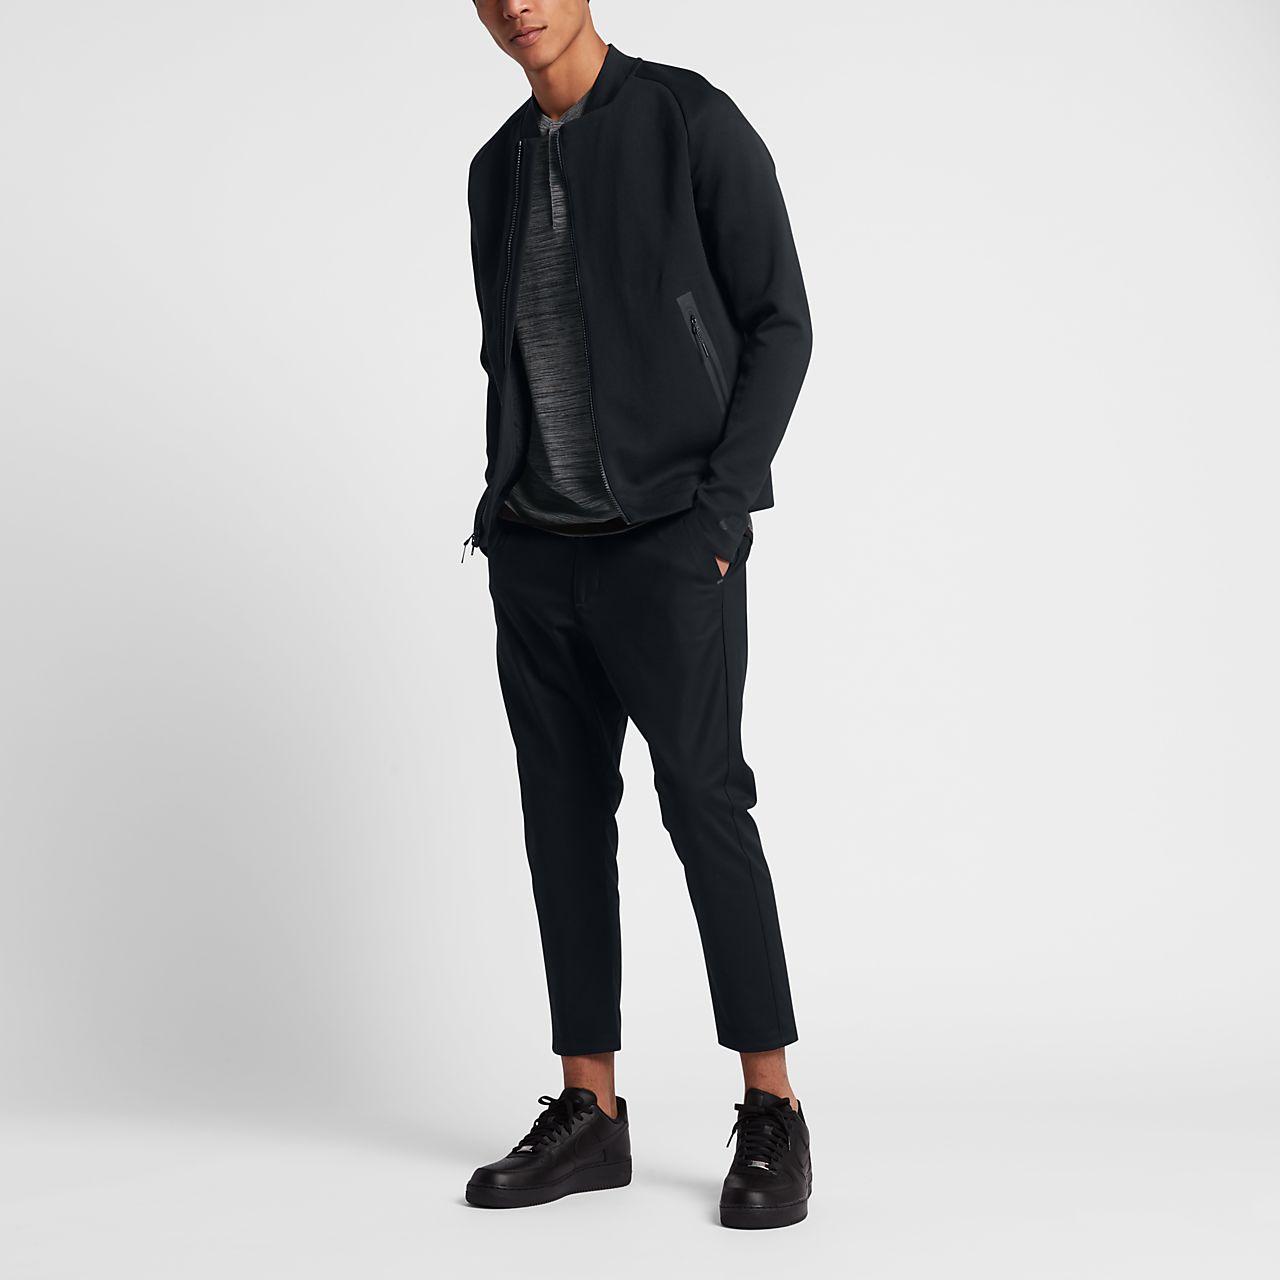 Nike Sportswear Tech Knit Men's Polo